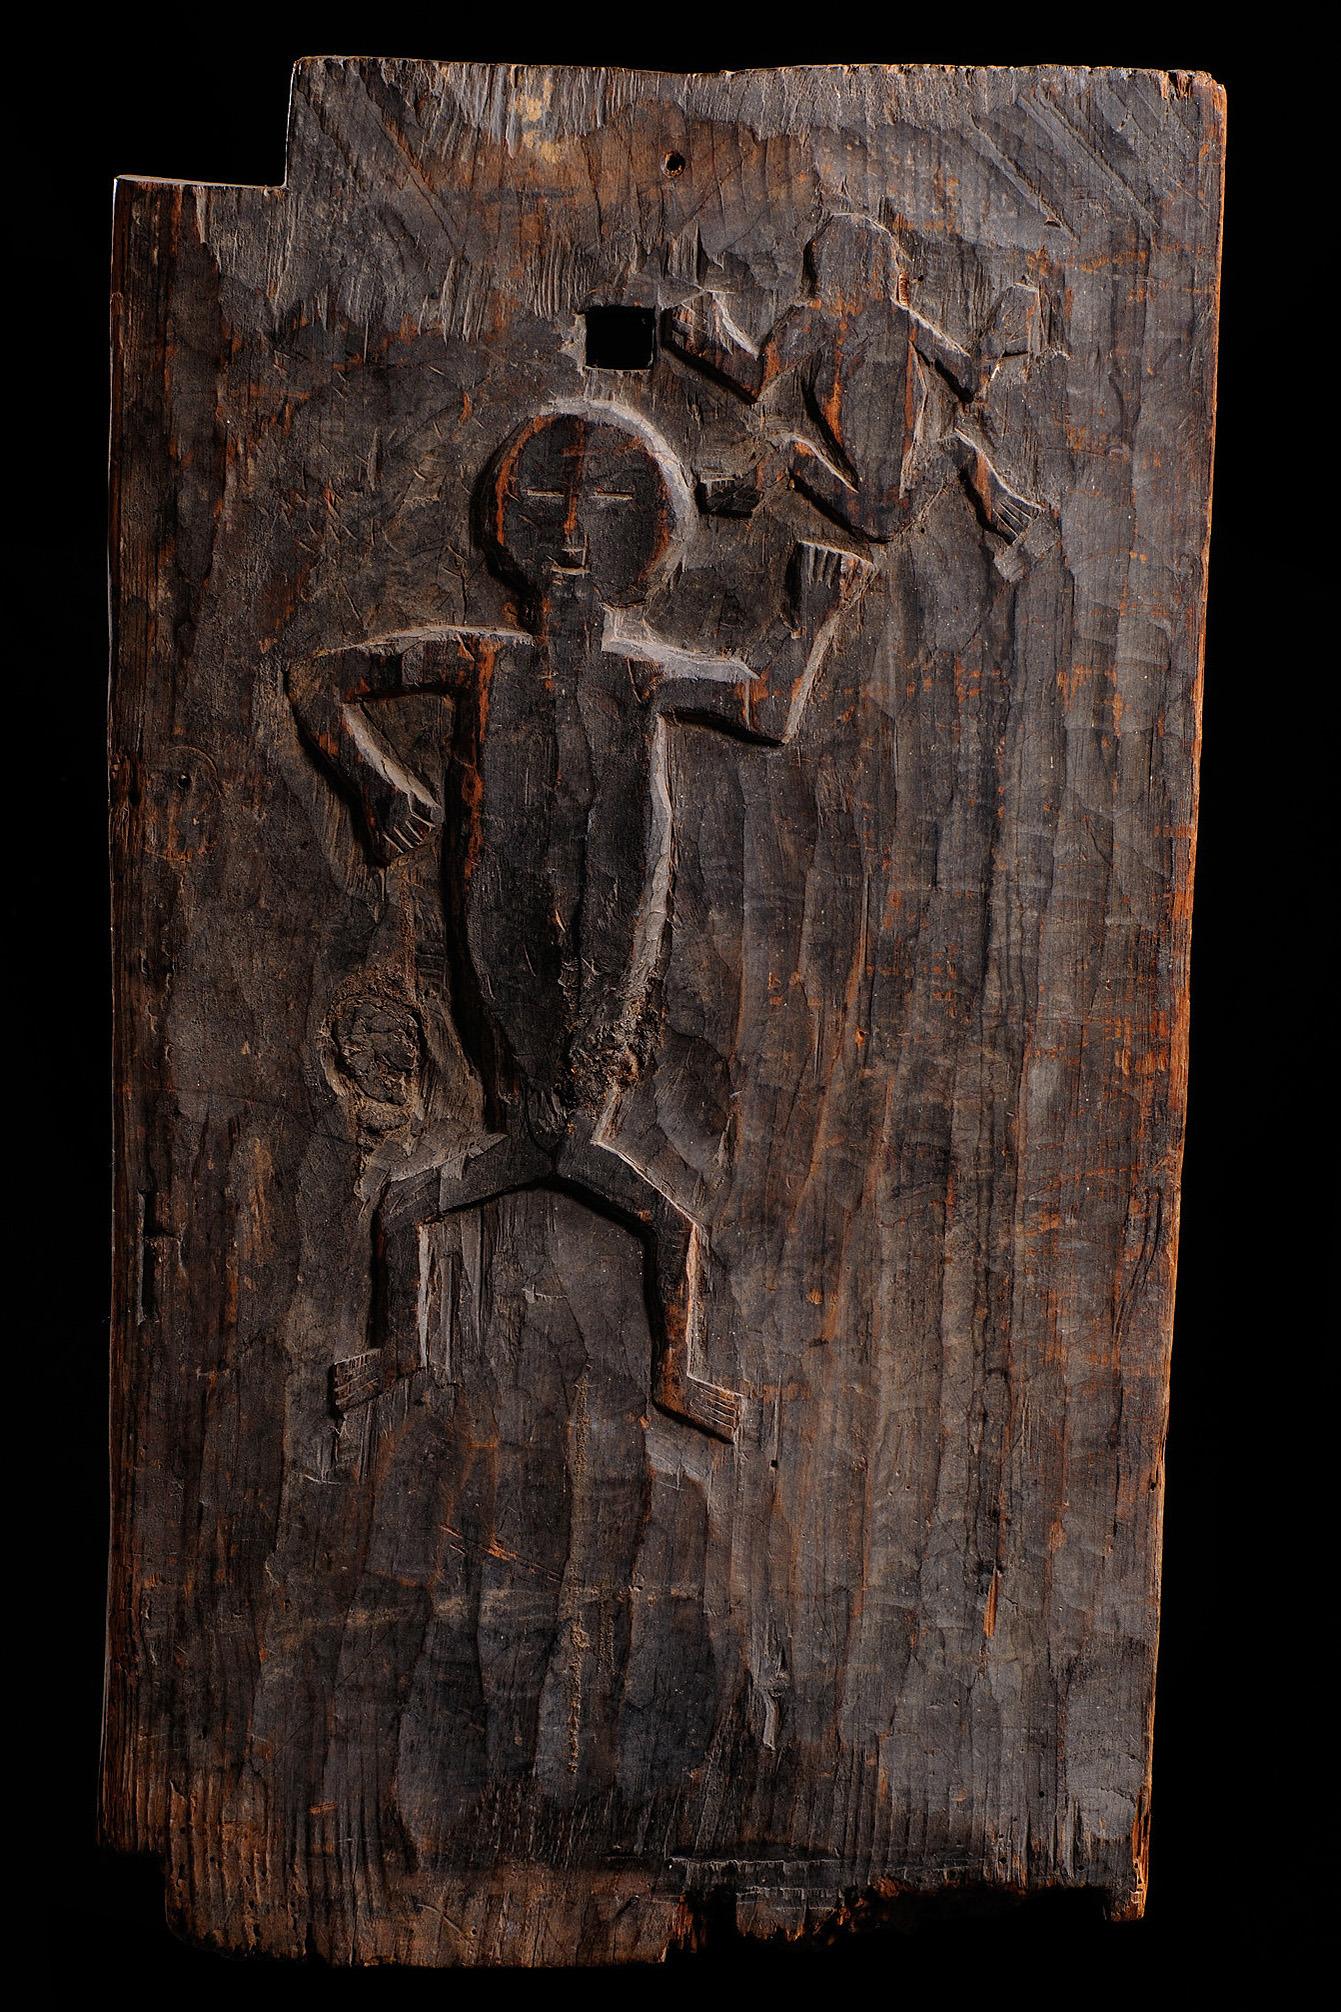 Rice storage door with two figures in bas-relief, 1930